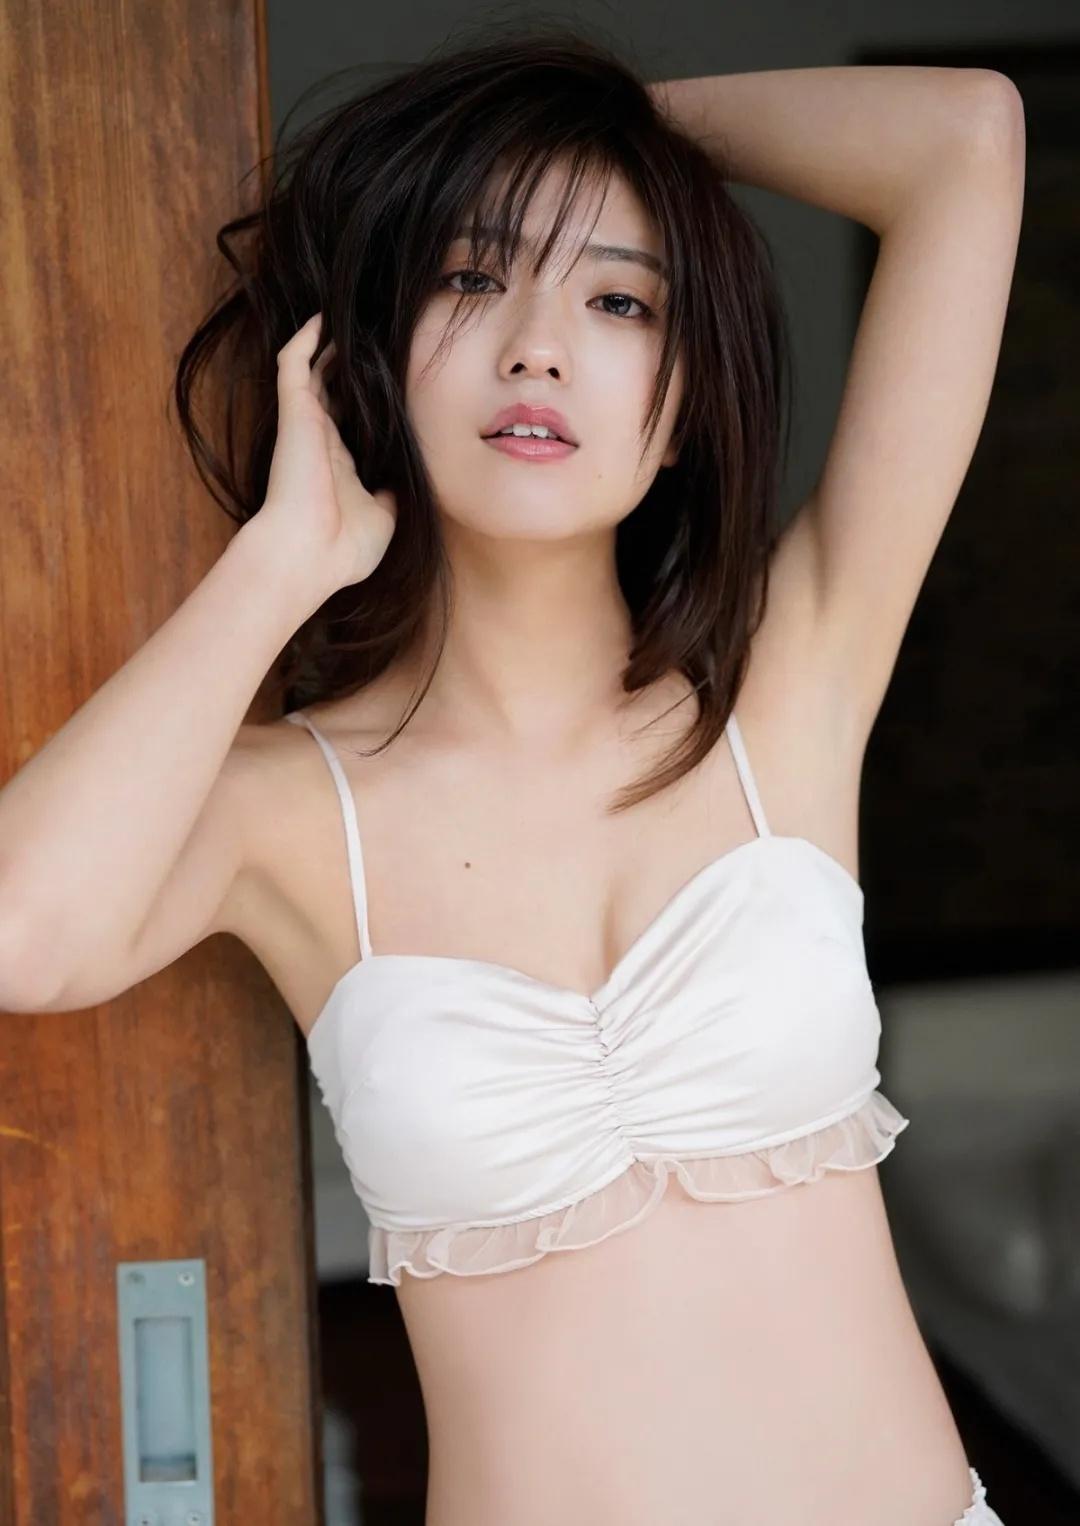 清纯至极人美如其名的工藤美樱写真作品 (32)